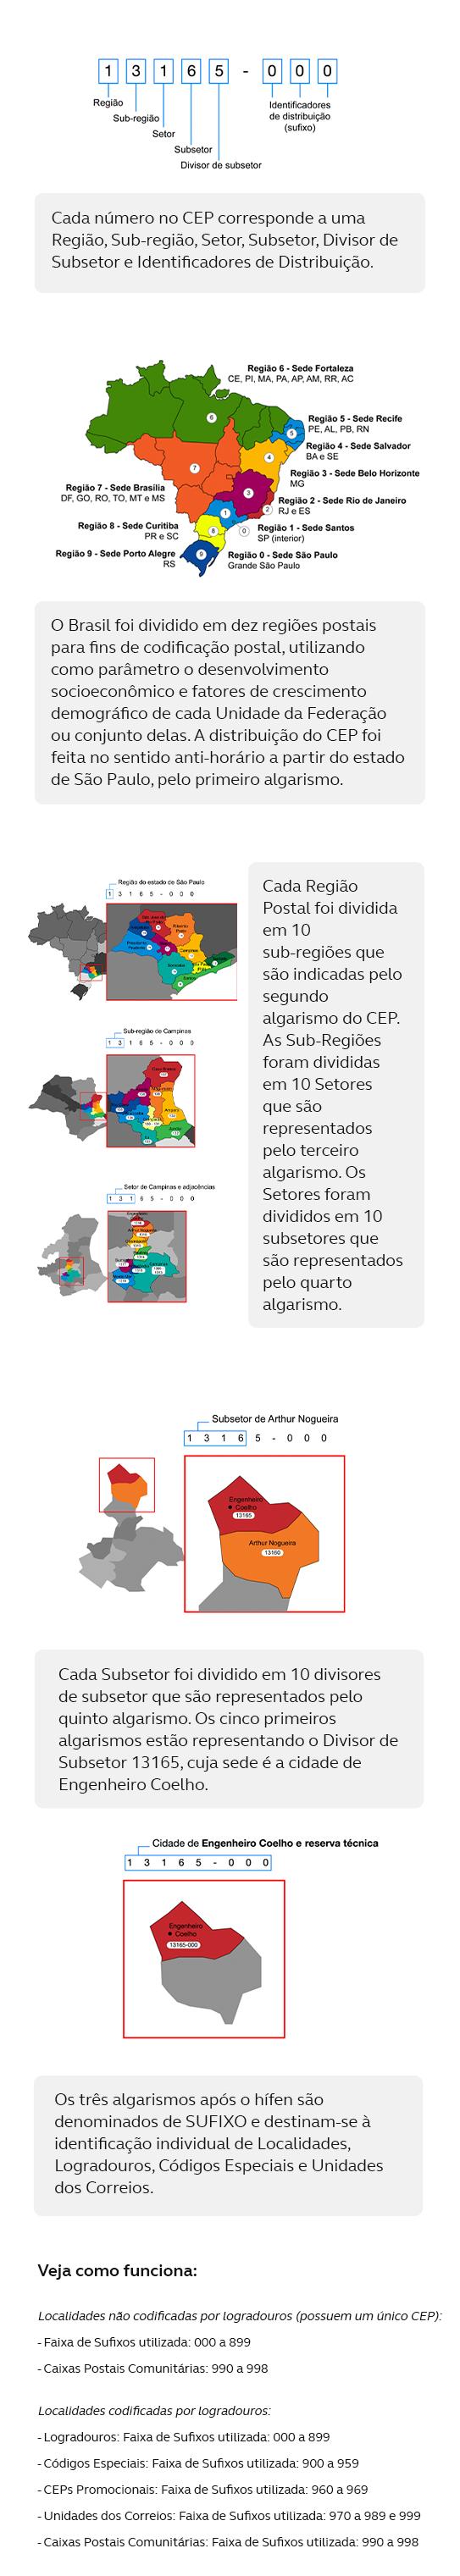 Cada número no CEP corresponde a uma Região, Sub-região, Setor, Subsetor, Divisor de Subsetor e Identificadores de Distribuição. O Brasil foi dividido em dez regiões postais para fins de codificação postal, utilizando como parâmetro o desenvolvimento socioeconômico e fatores de crescimento demográfico de cada Unidade da Federação ou conjunto delas. A distribuição do CEP foi feita no sentido anti-horário a partir do estado de São Paulo, pelo primeiro algarismo. Cada Região Postal foi dividida em 10 sub-regiões que são indicadas pelo segundo algarismo do CEP. As Sub-Regiões foram divididas em 10 Setores que são representados pelo terceiro algarismo. Os Setores foram divididos em 10 subsetores que são representados pelo quarto algarismo. Cada Subsetor foi dividido em 10 divisores de subsetor que são representados pelo quinto algarismo. Os cinco primeiros algarismos estão representando o Divisor de Subsetor 13165, cuja sede é a cidade de Engenheiro Coelho. Os três algarismos após o hífen são denominados de SUFIXO e destinam-se à identificação individual de Localidades, Logradouros, Códigos Especiais e Unidades dos Correios. Veja como funciona: Localidades não codificadas por logradouros (possuem um único CEP): - Faixa de Sufixos utilizada: 000 a 899 - Caixas Postais Comunitárias: 990 a 998. Localidades codificadas por logradouros: - Logradouros: Faixa de Sufixos utilizada: 000 a 899 - Códigos Especiais: Faixa de Sufixos utilizada: 900 a 959 - CEPs Promocionais: Faixa de Sufixos utilizada: 960 a 969 - Unidades dos Correios: Faixa de Sufixos utilizada: 970 a 989 e 999 - Caixas Postais Comunitárias: Faixa de Sufixos utilizada: 990 a 998.